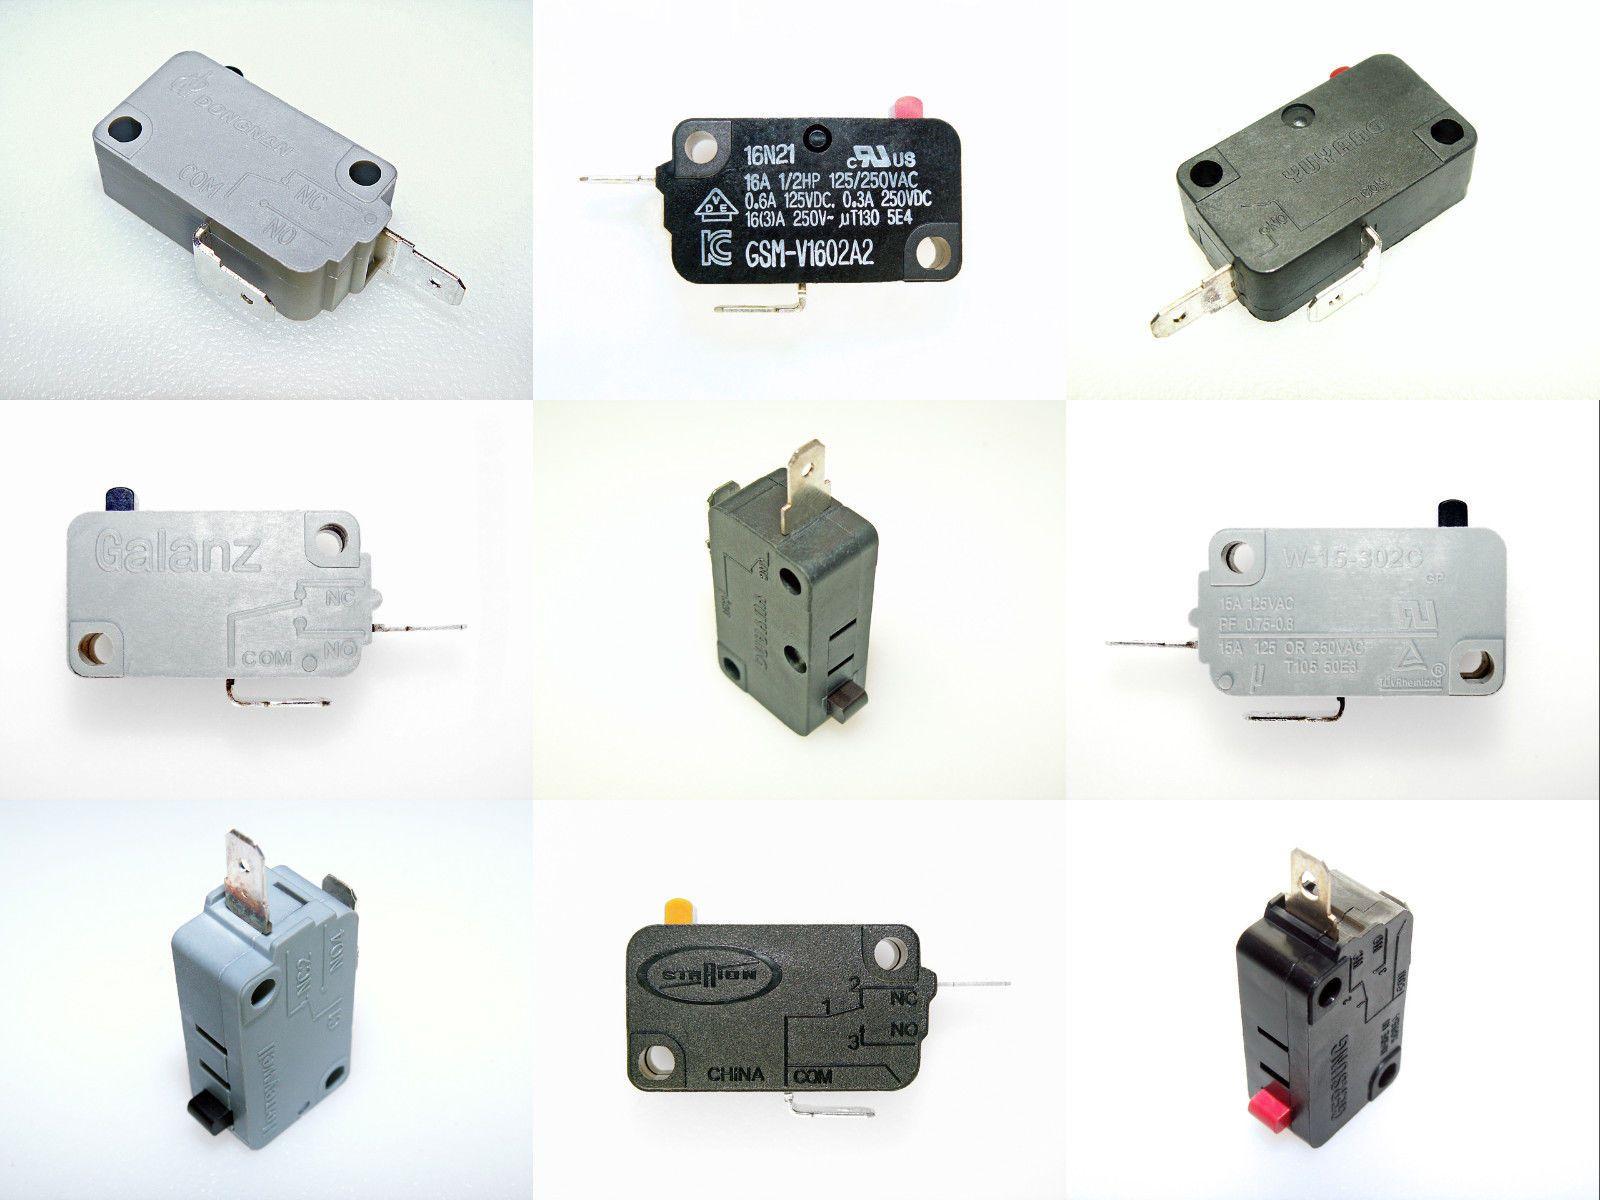 Microwave Oven Door Interlock Monitor Micro Switch Singles And 3 Pack Microwave Oven Door Switch Black Microwave Oven